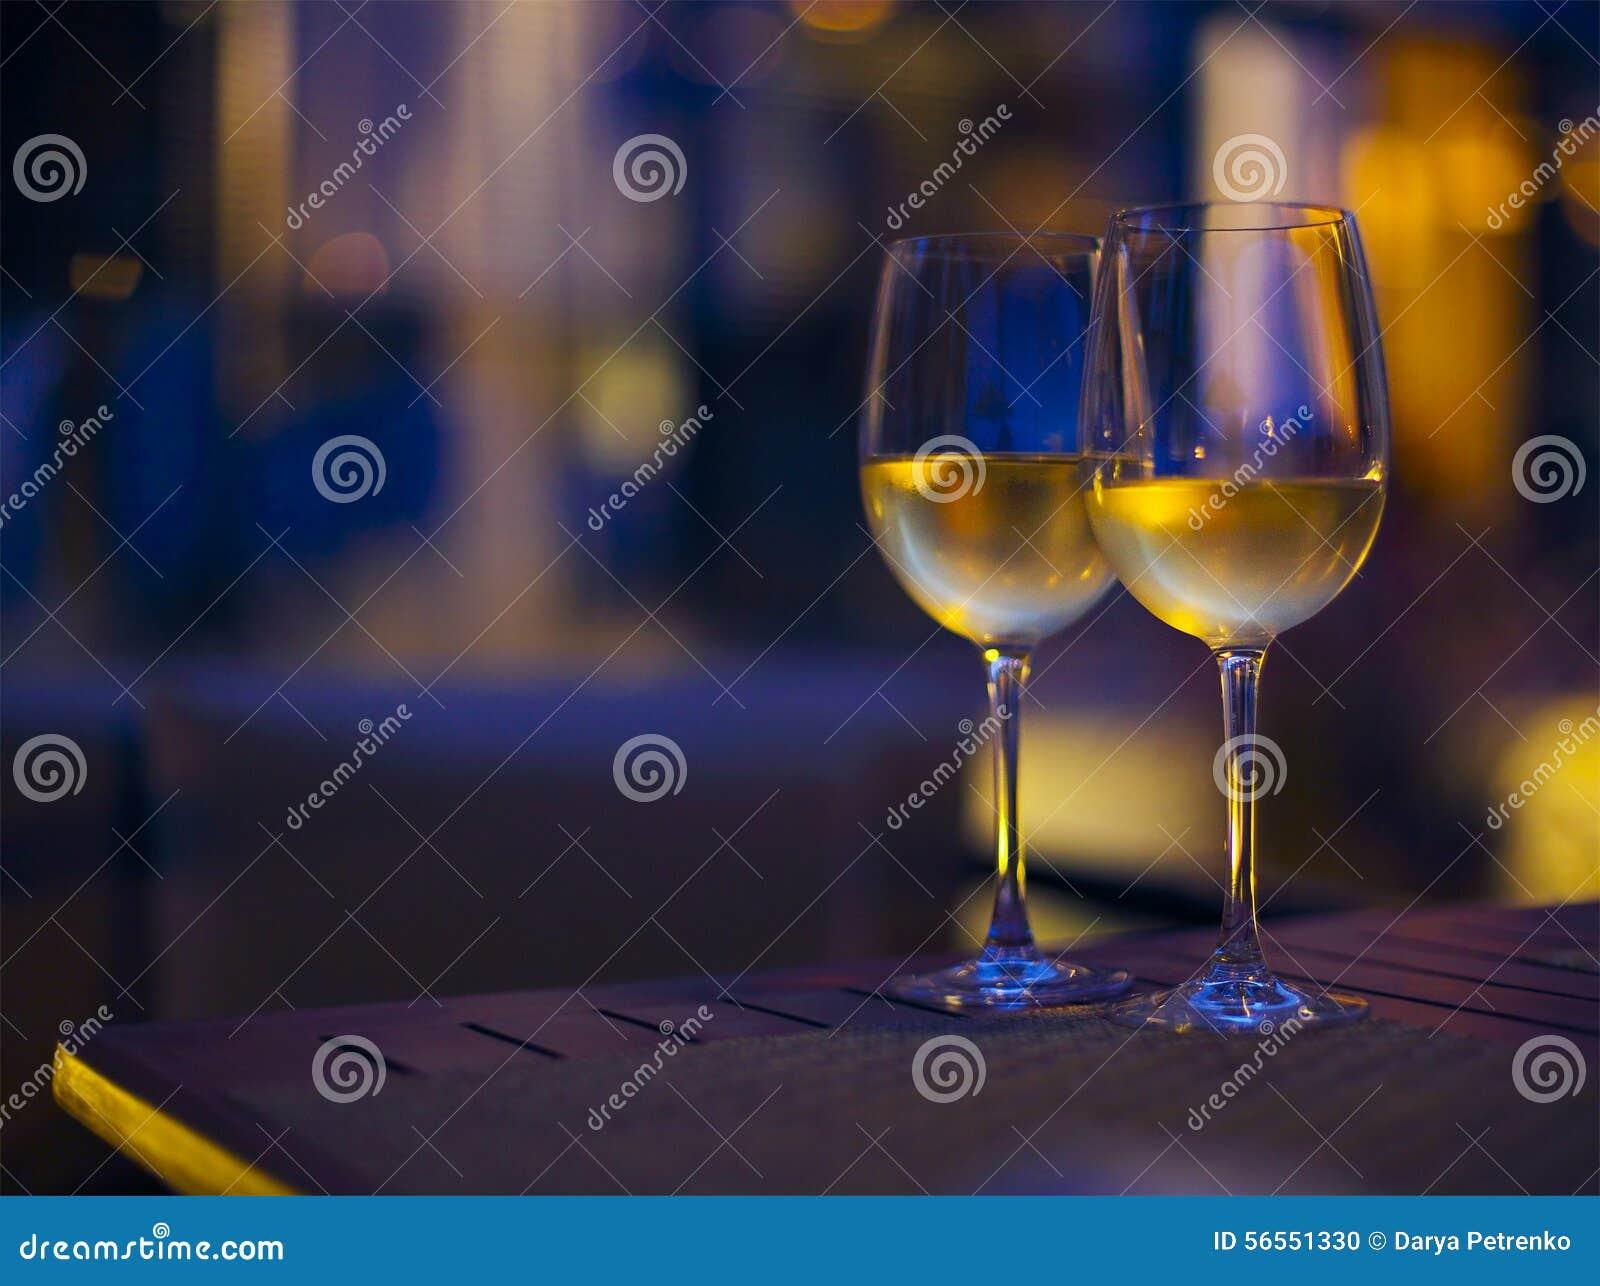 Download Δύο ποτήρια του άσπρου κρασιού στη νύχτα Στοκ Εικόνες - εικόνα από φω, διαφήμιση: 56551330